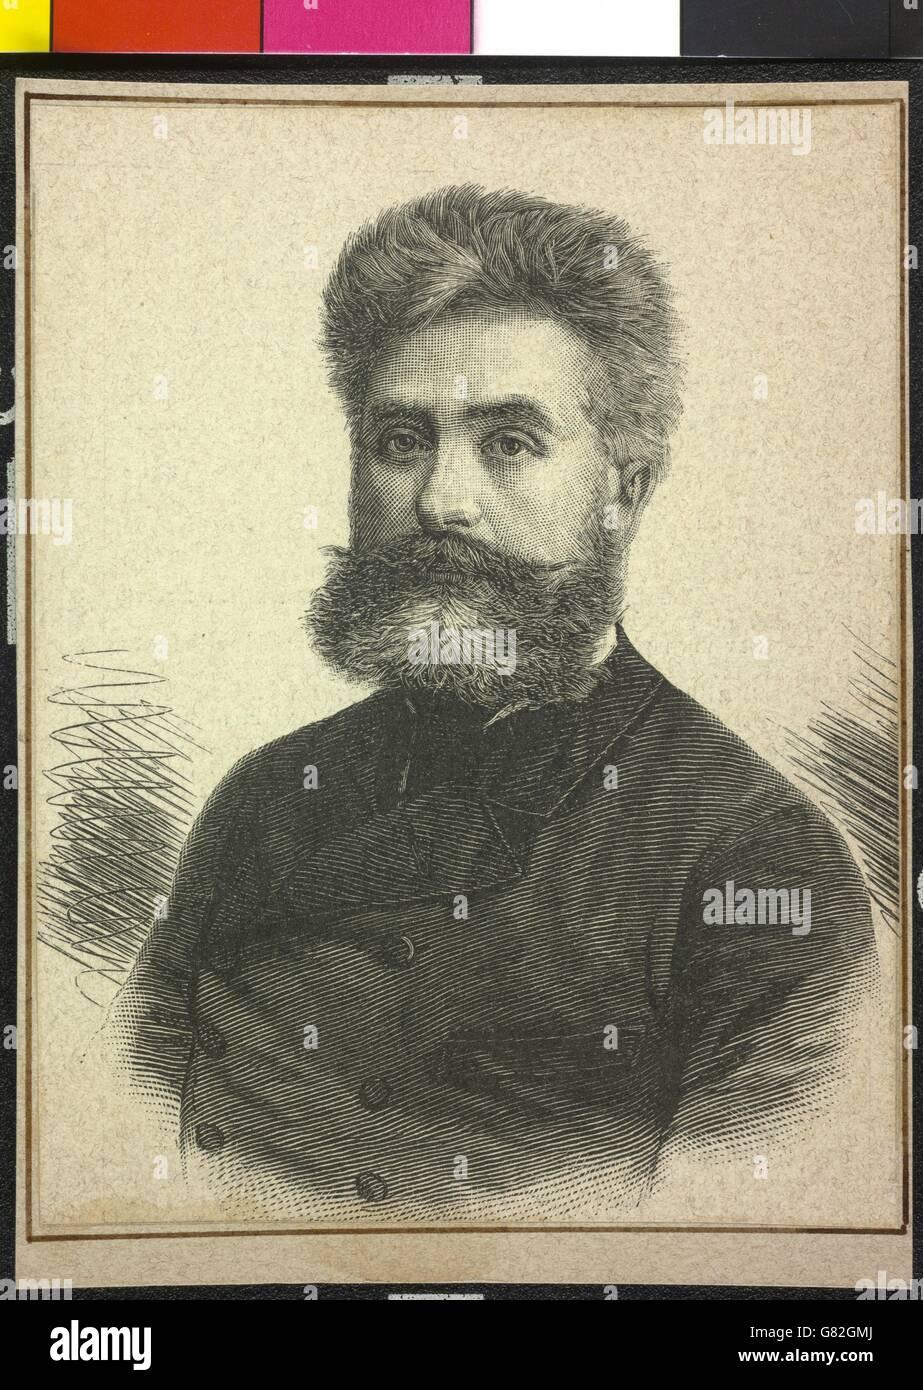 Nordau, Max - Stock Image